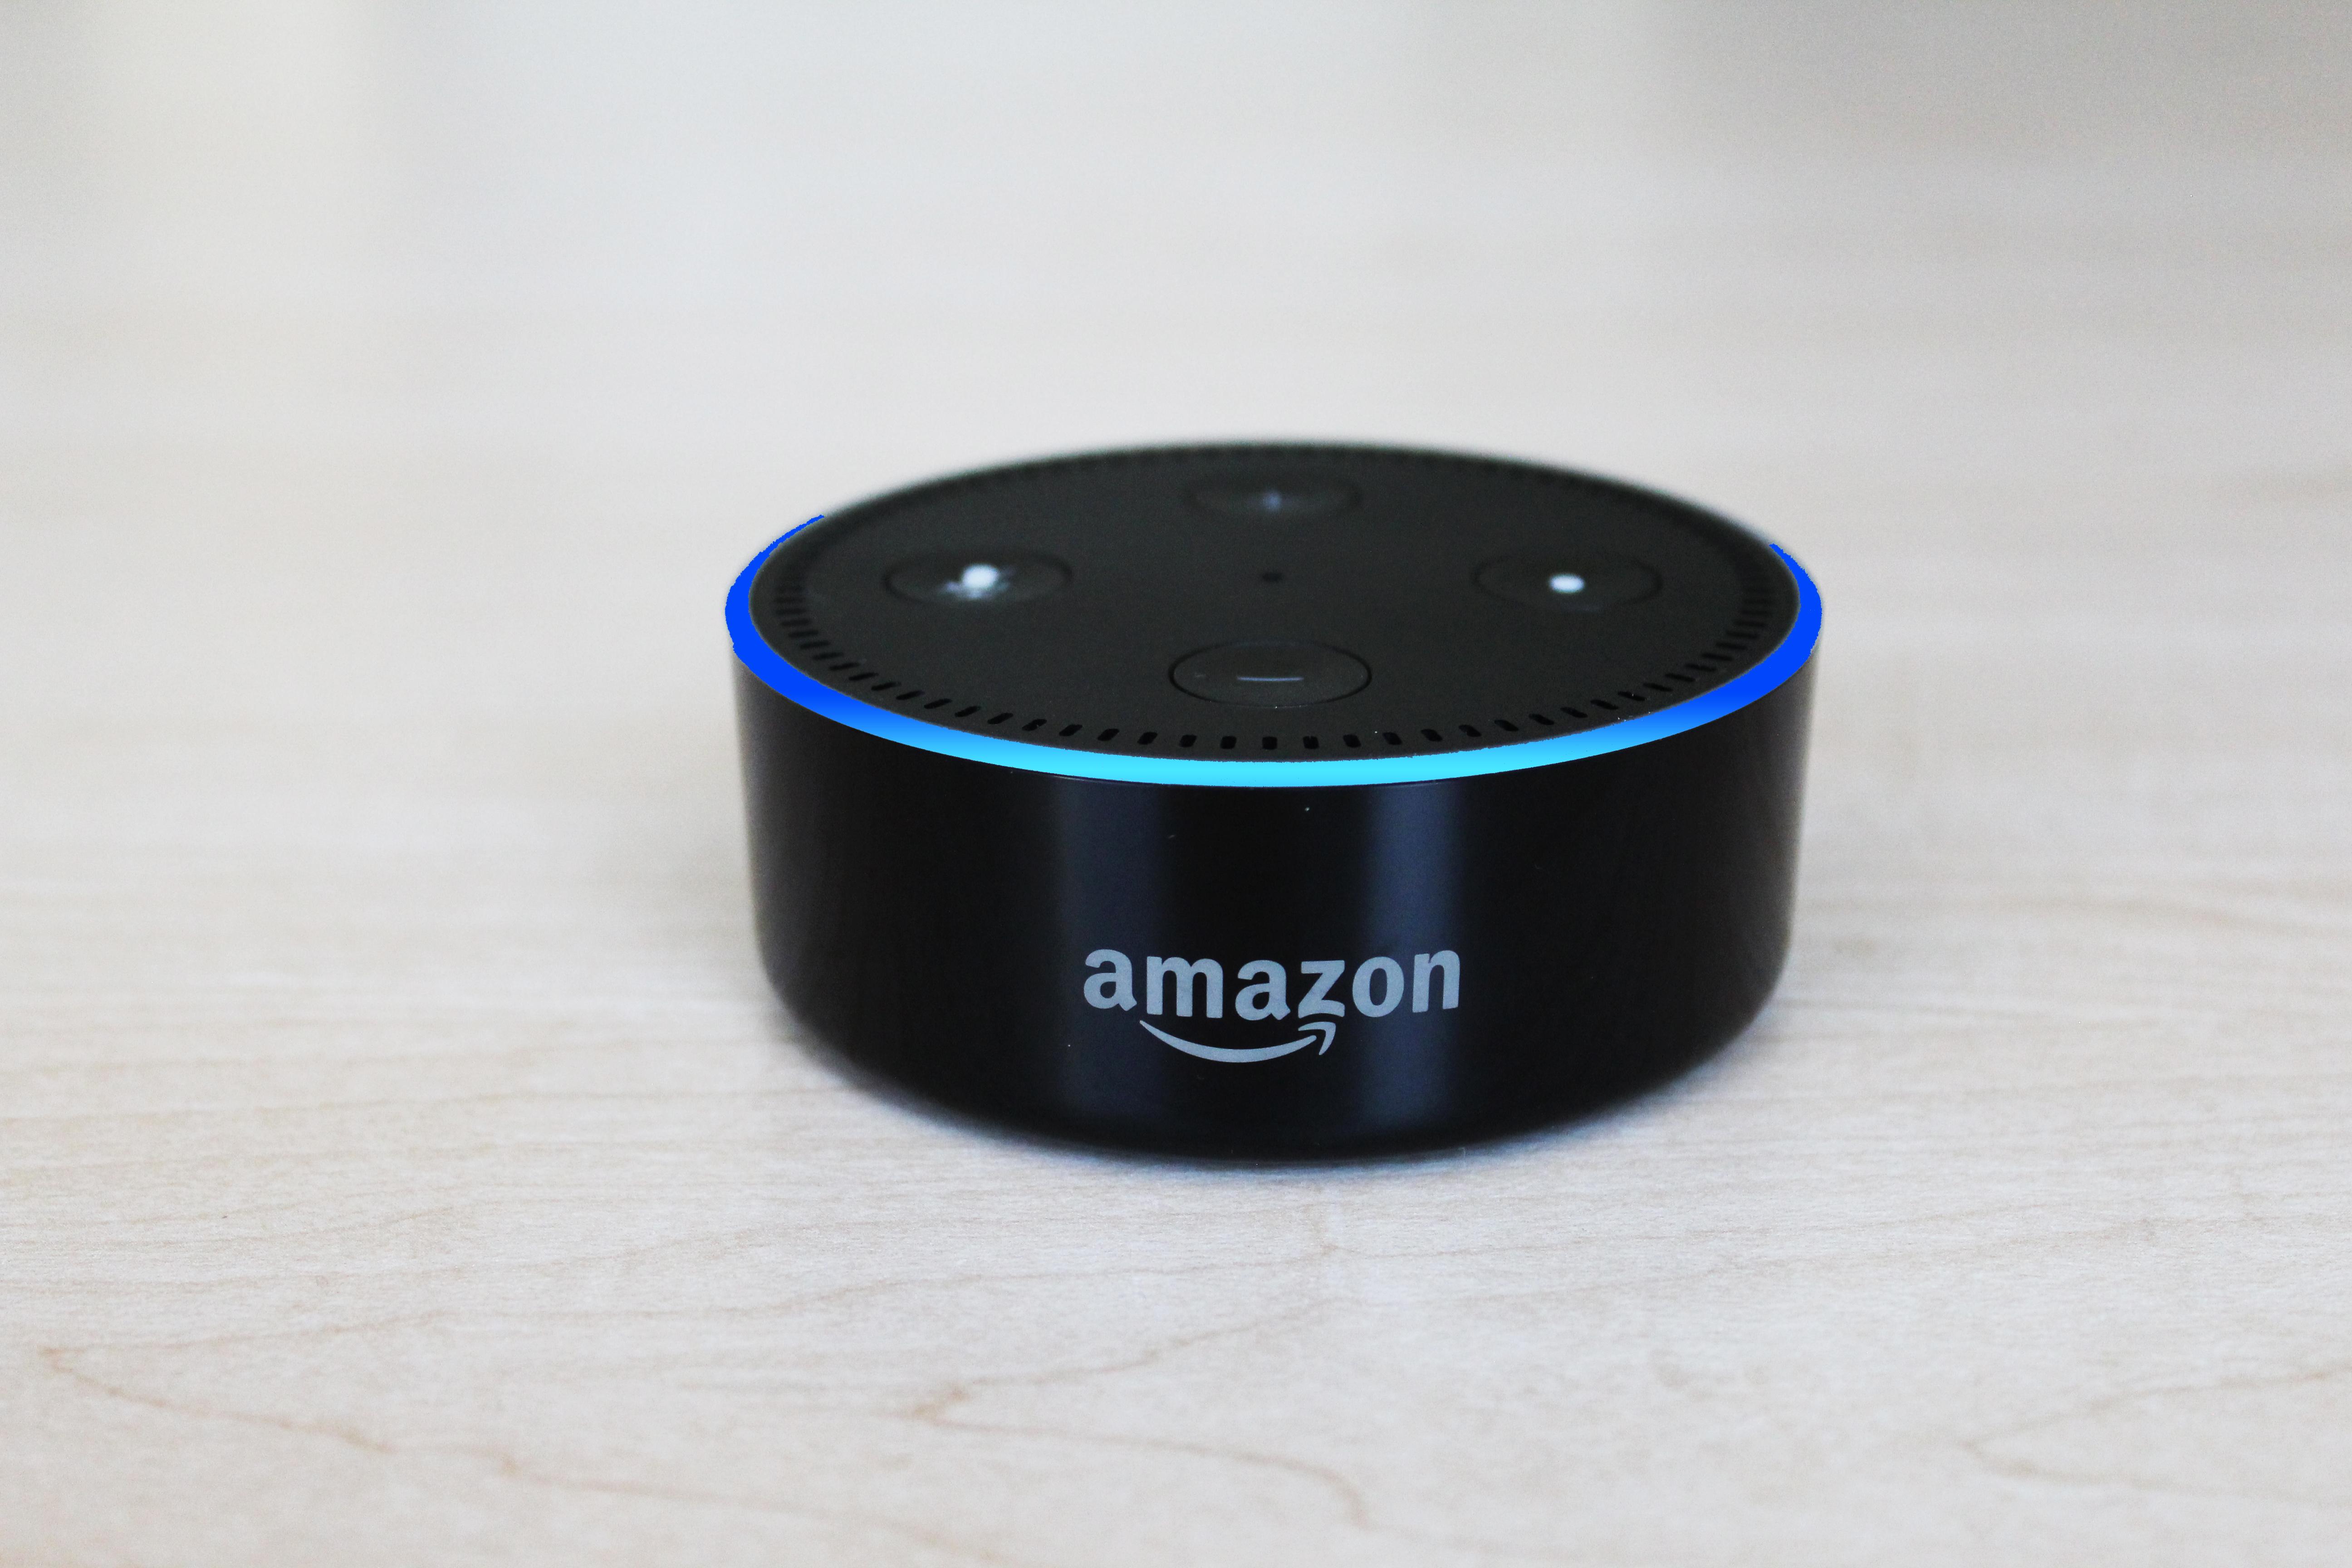 Amazon-Echo-Alexa